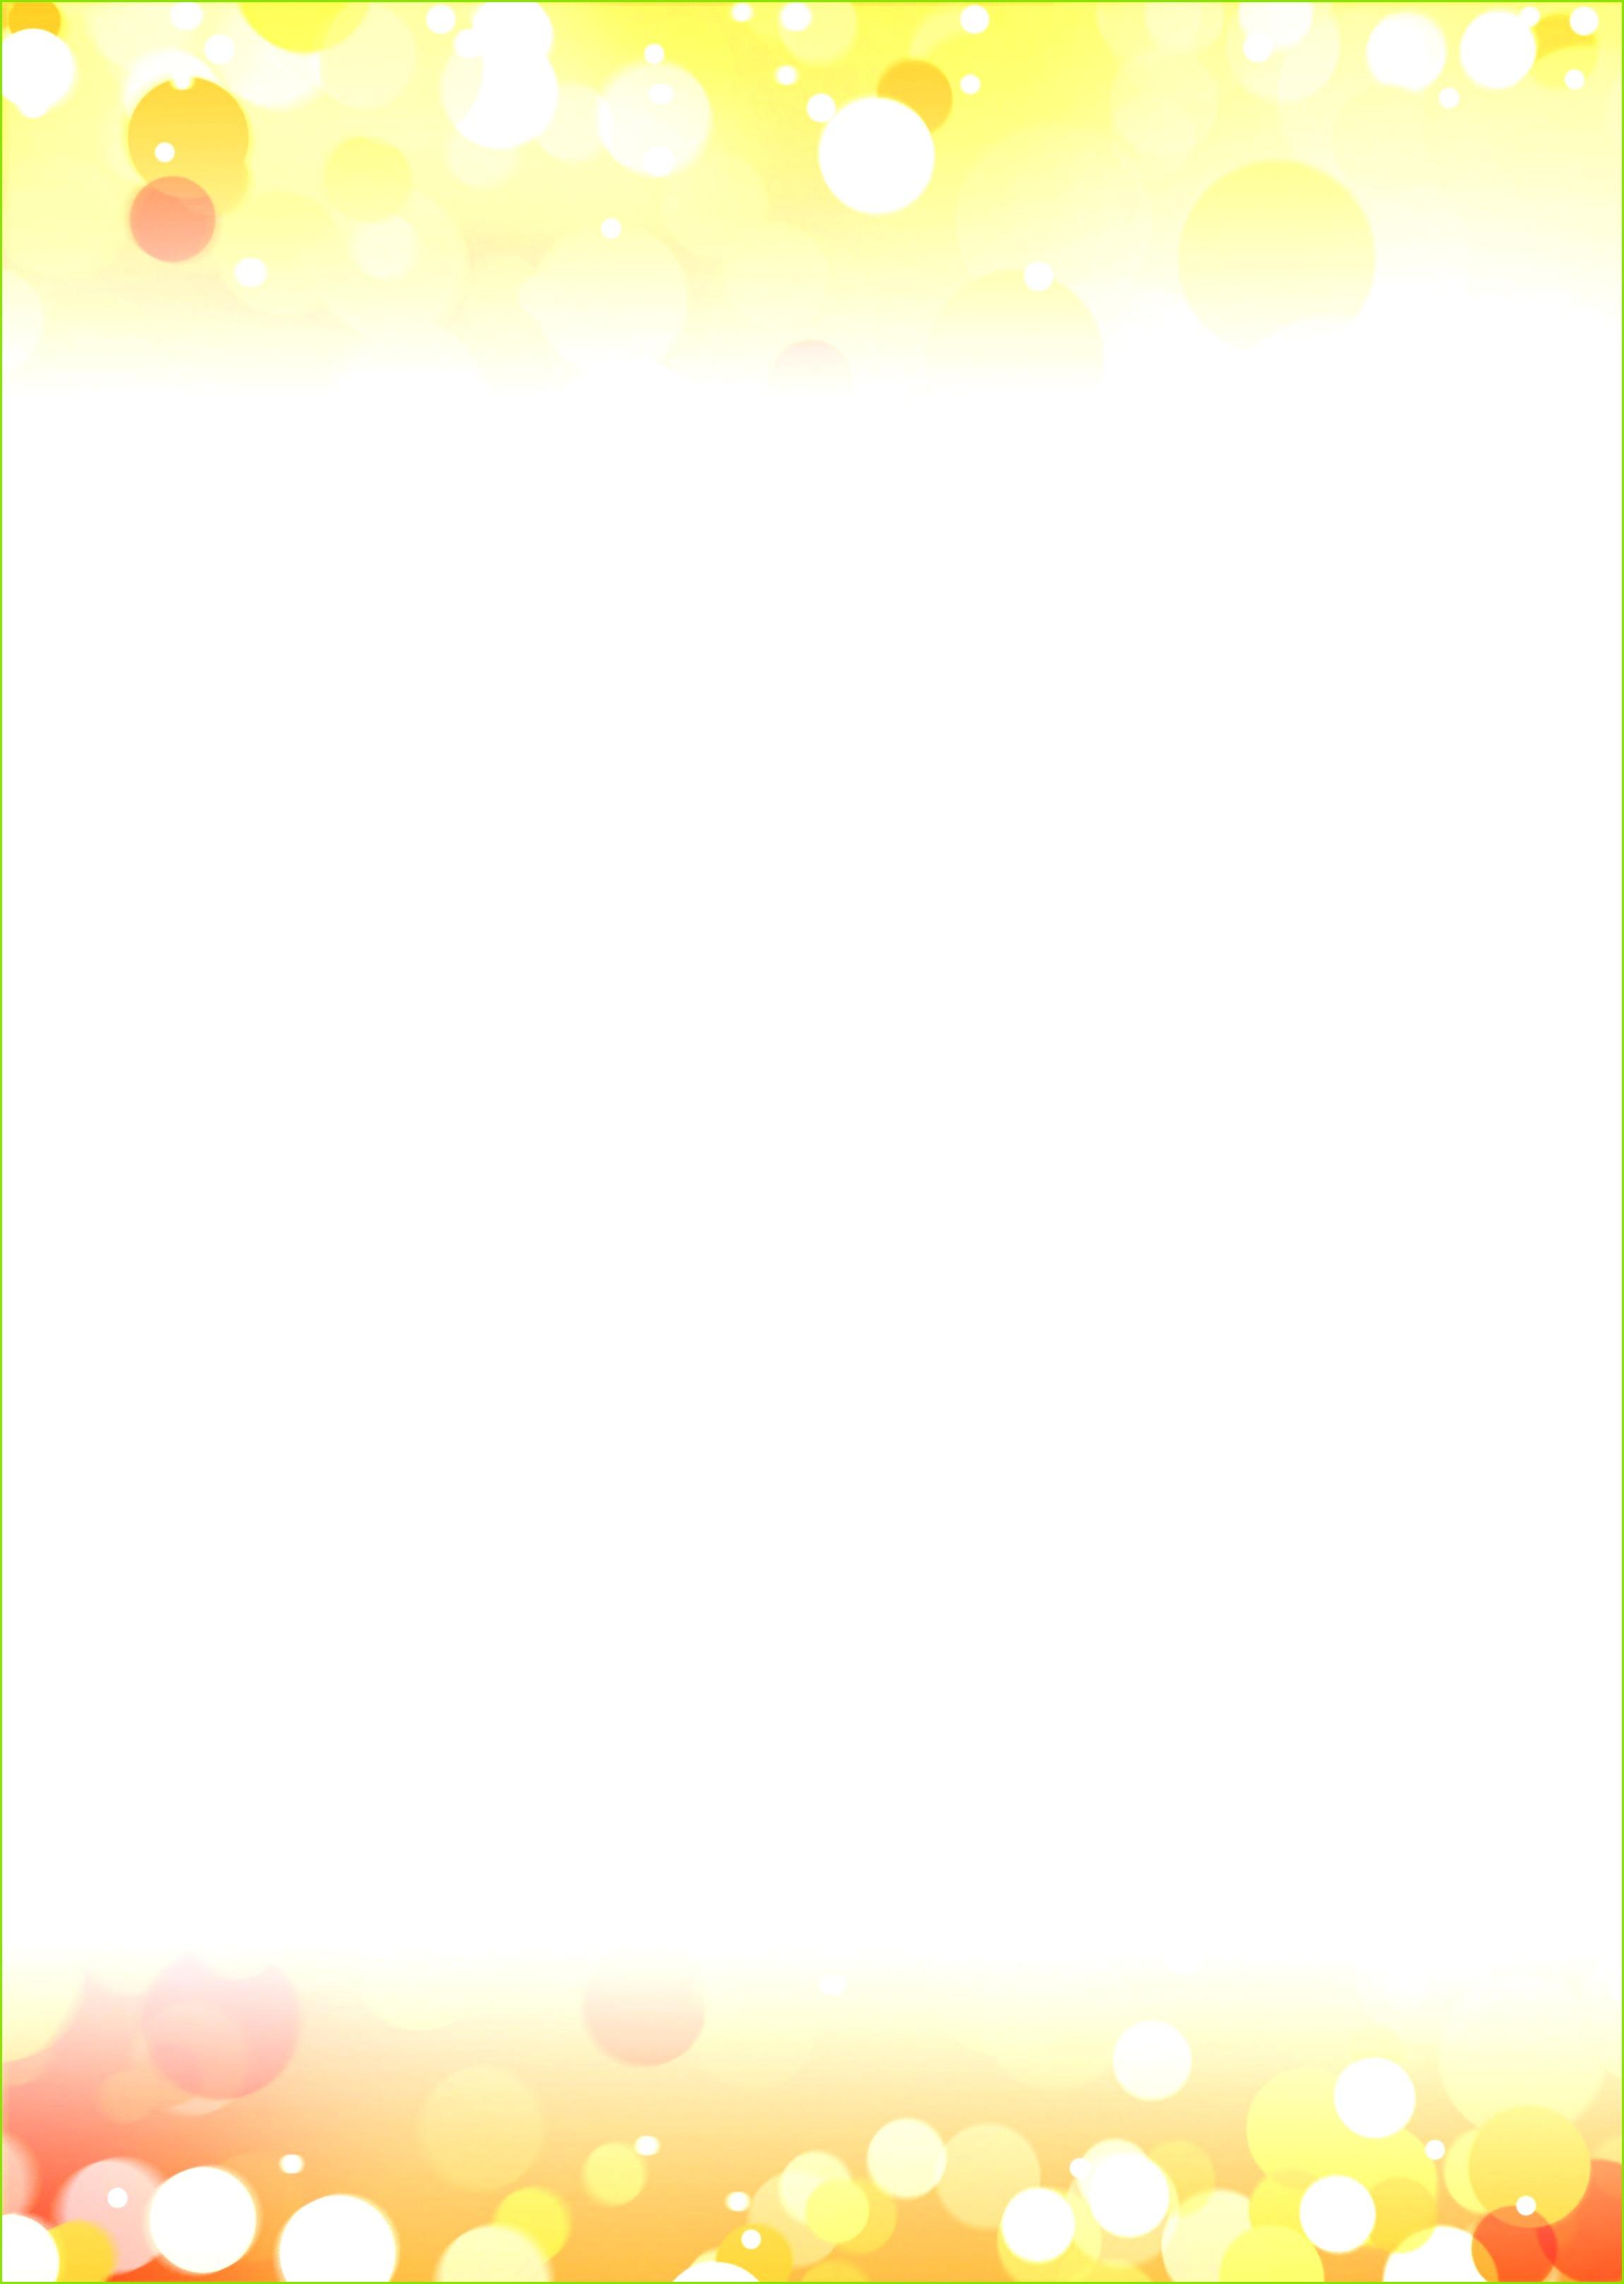 Word Vorlage Weihnachten Briefpapier Kostenlos 28 bestimmt